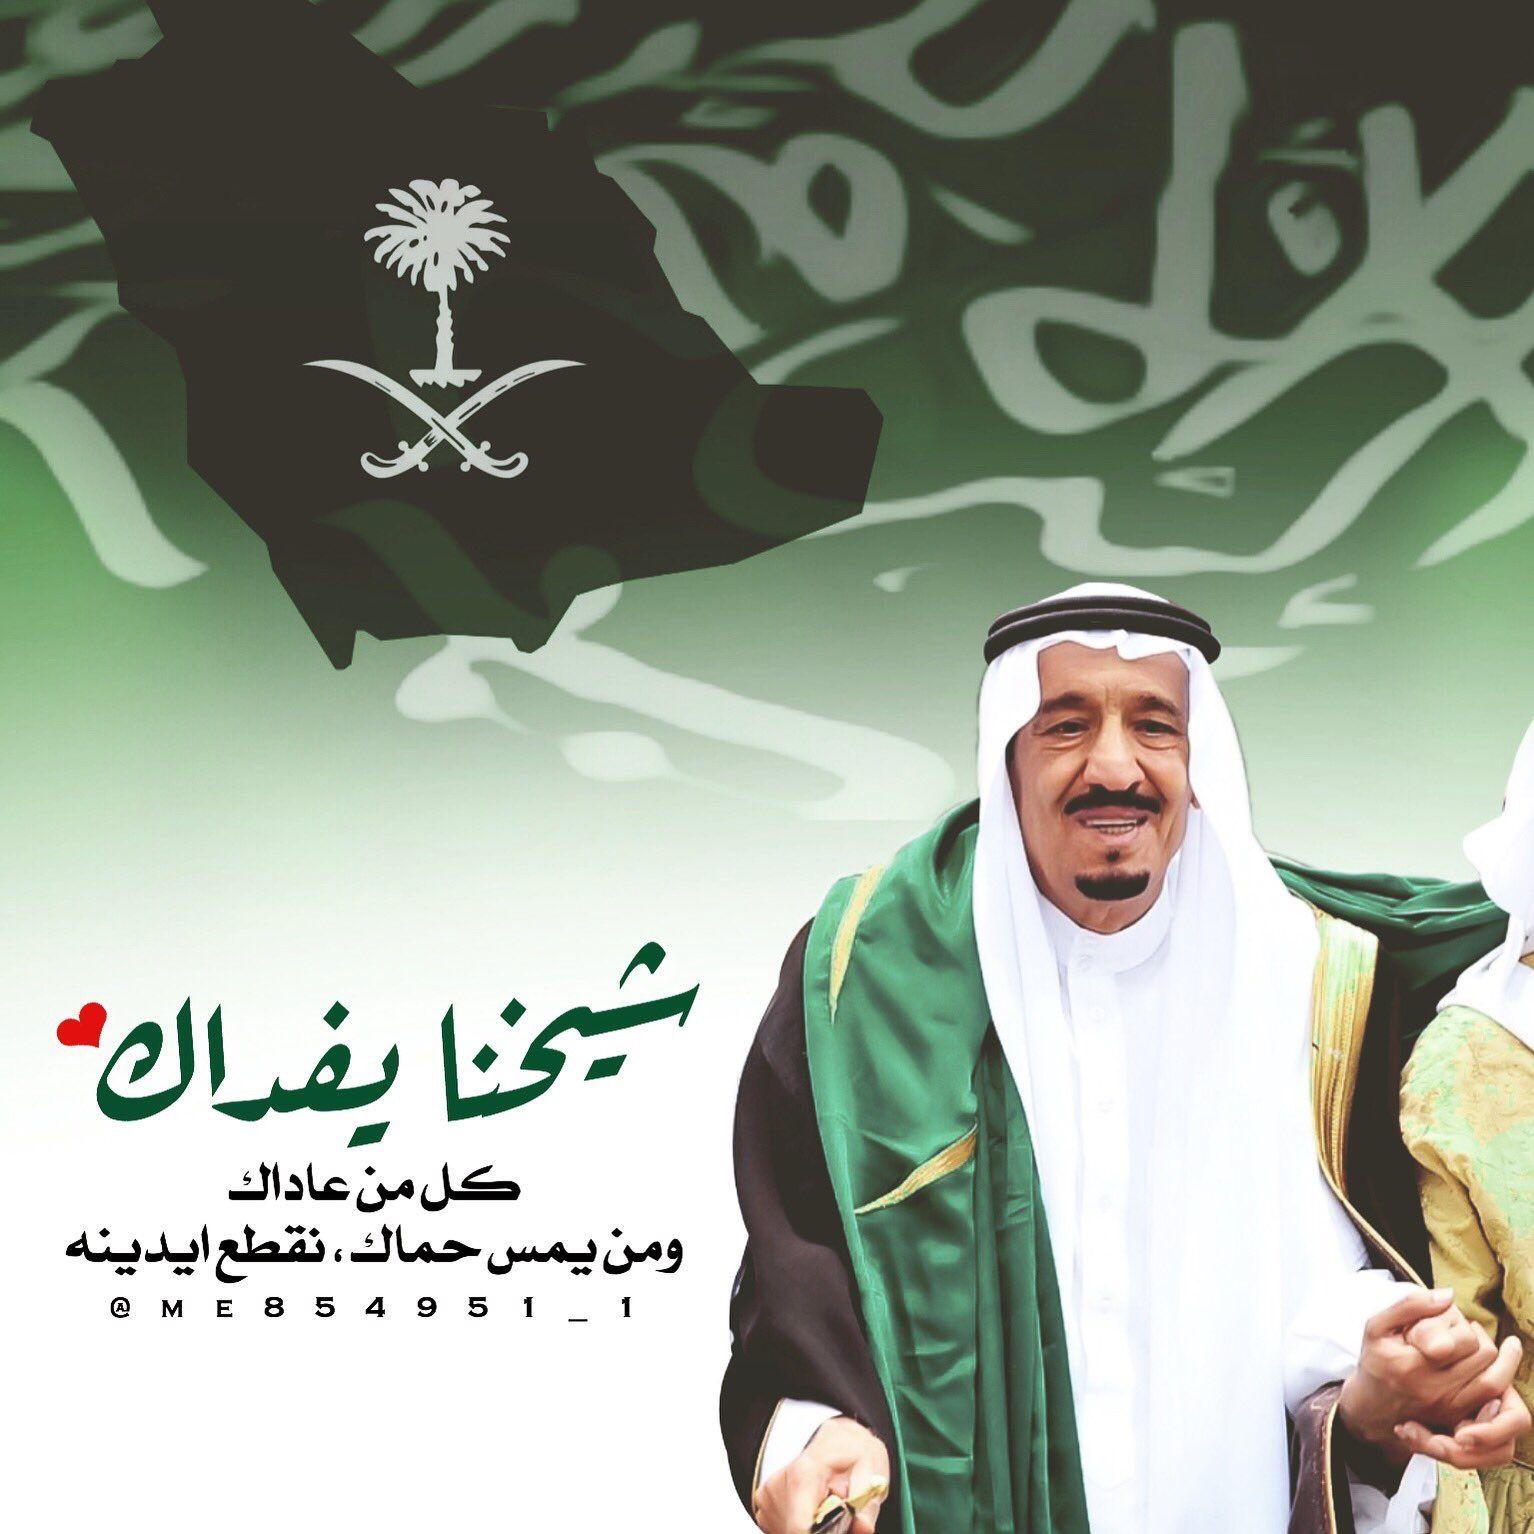 Pin By نور القحطاني On دام عزك ياوطن National Day Saudi Saudi Flag Saudi Arabia Flag